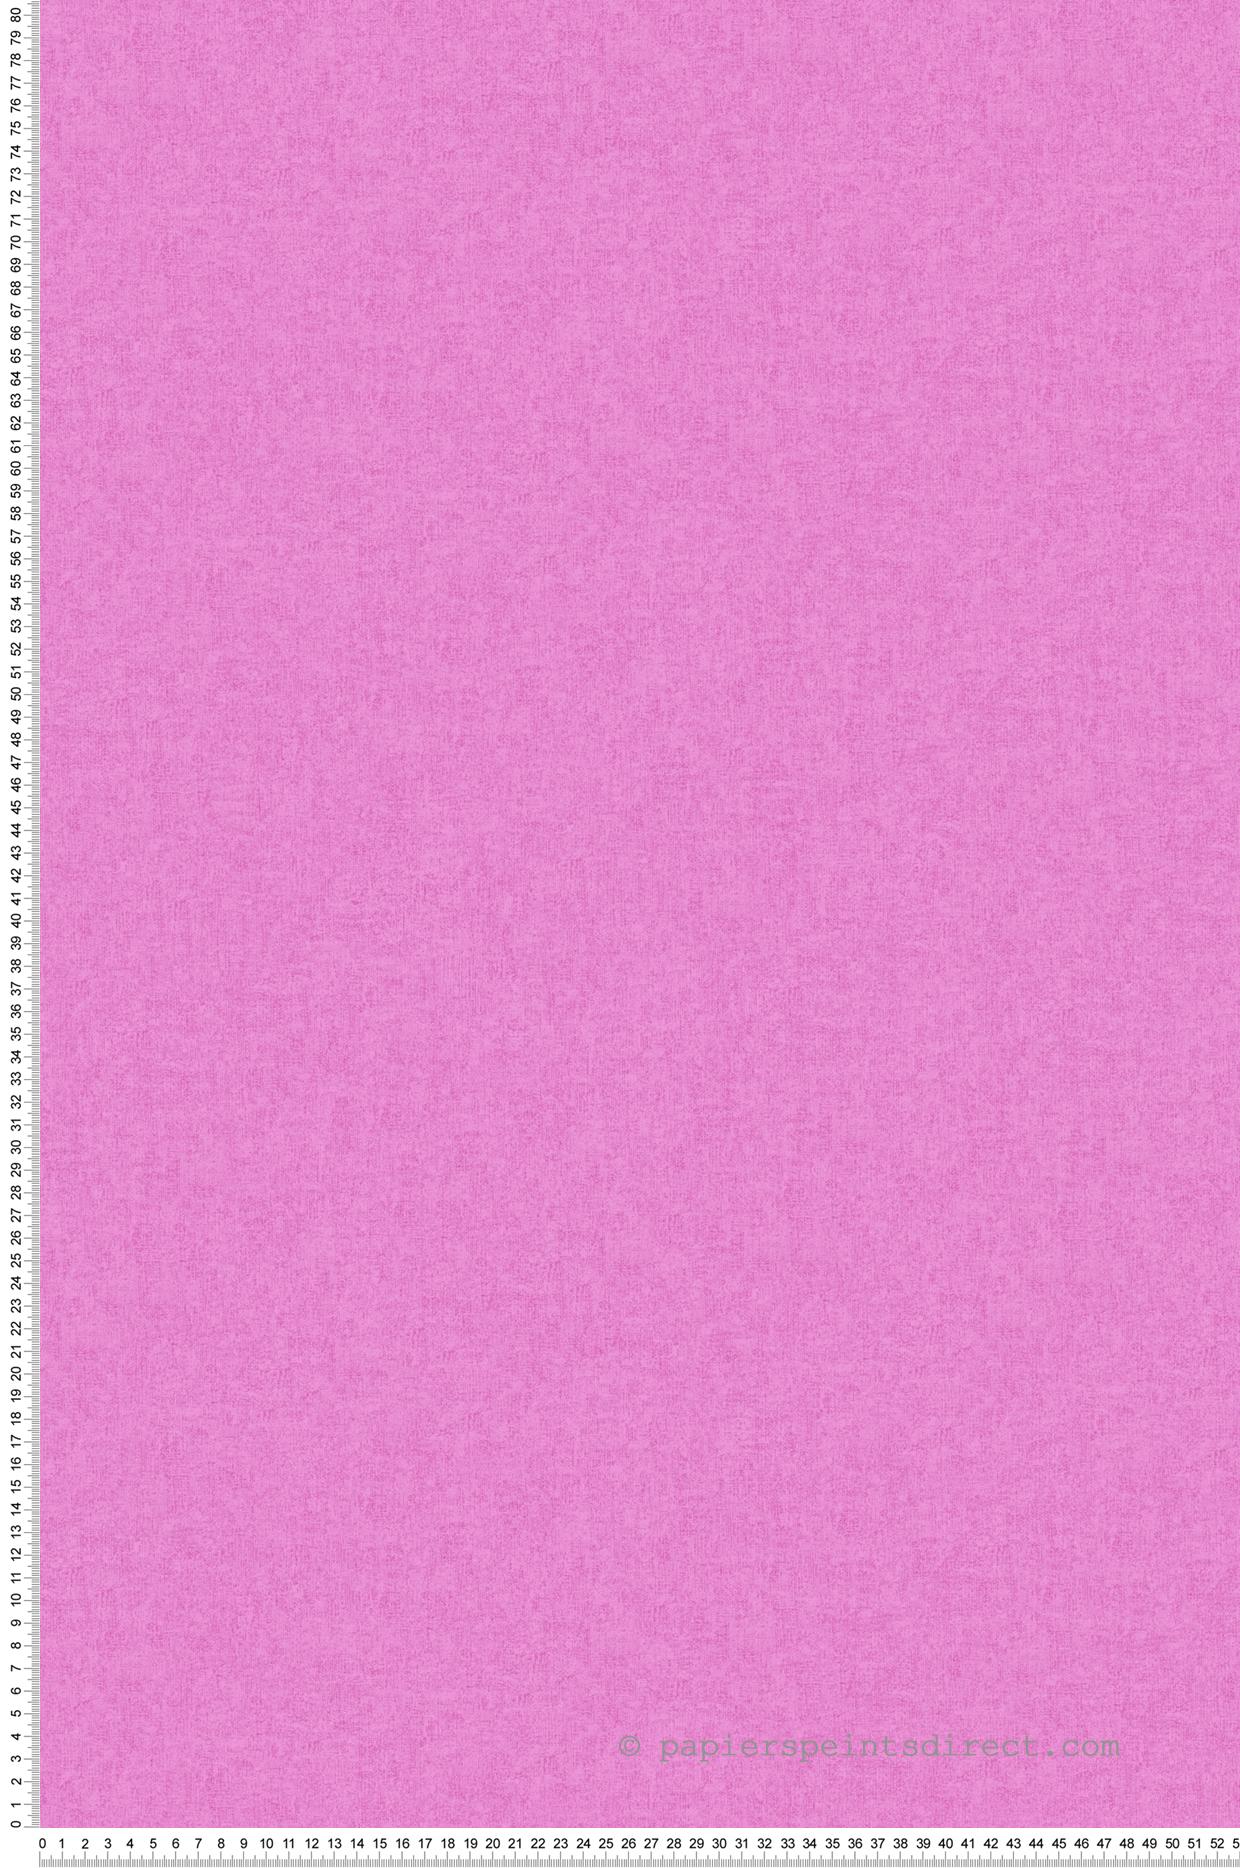 Papier peint uni rose magenta - Little Stars AS Création | Réf. SP04339